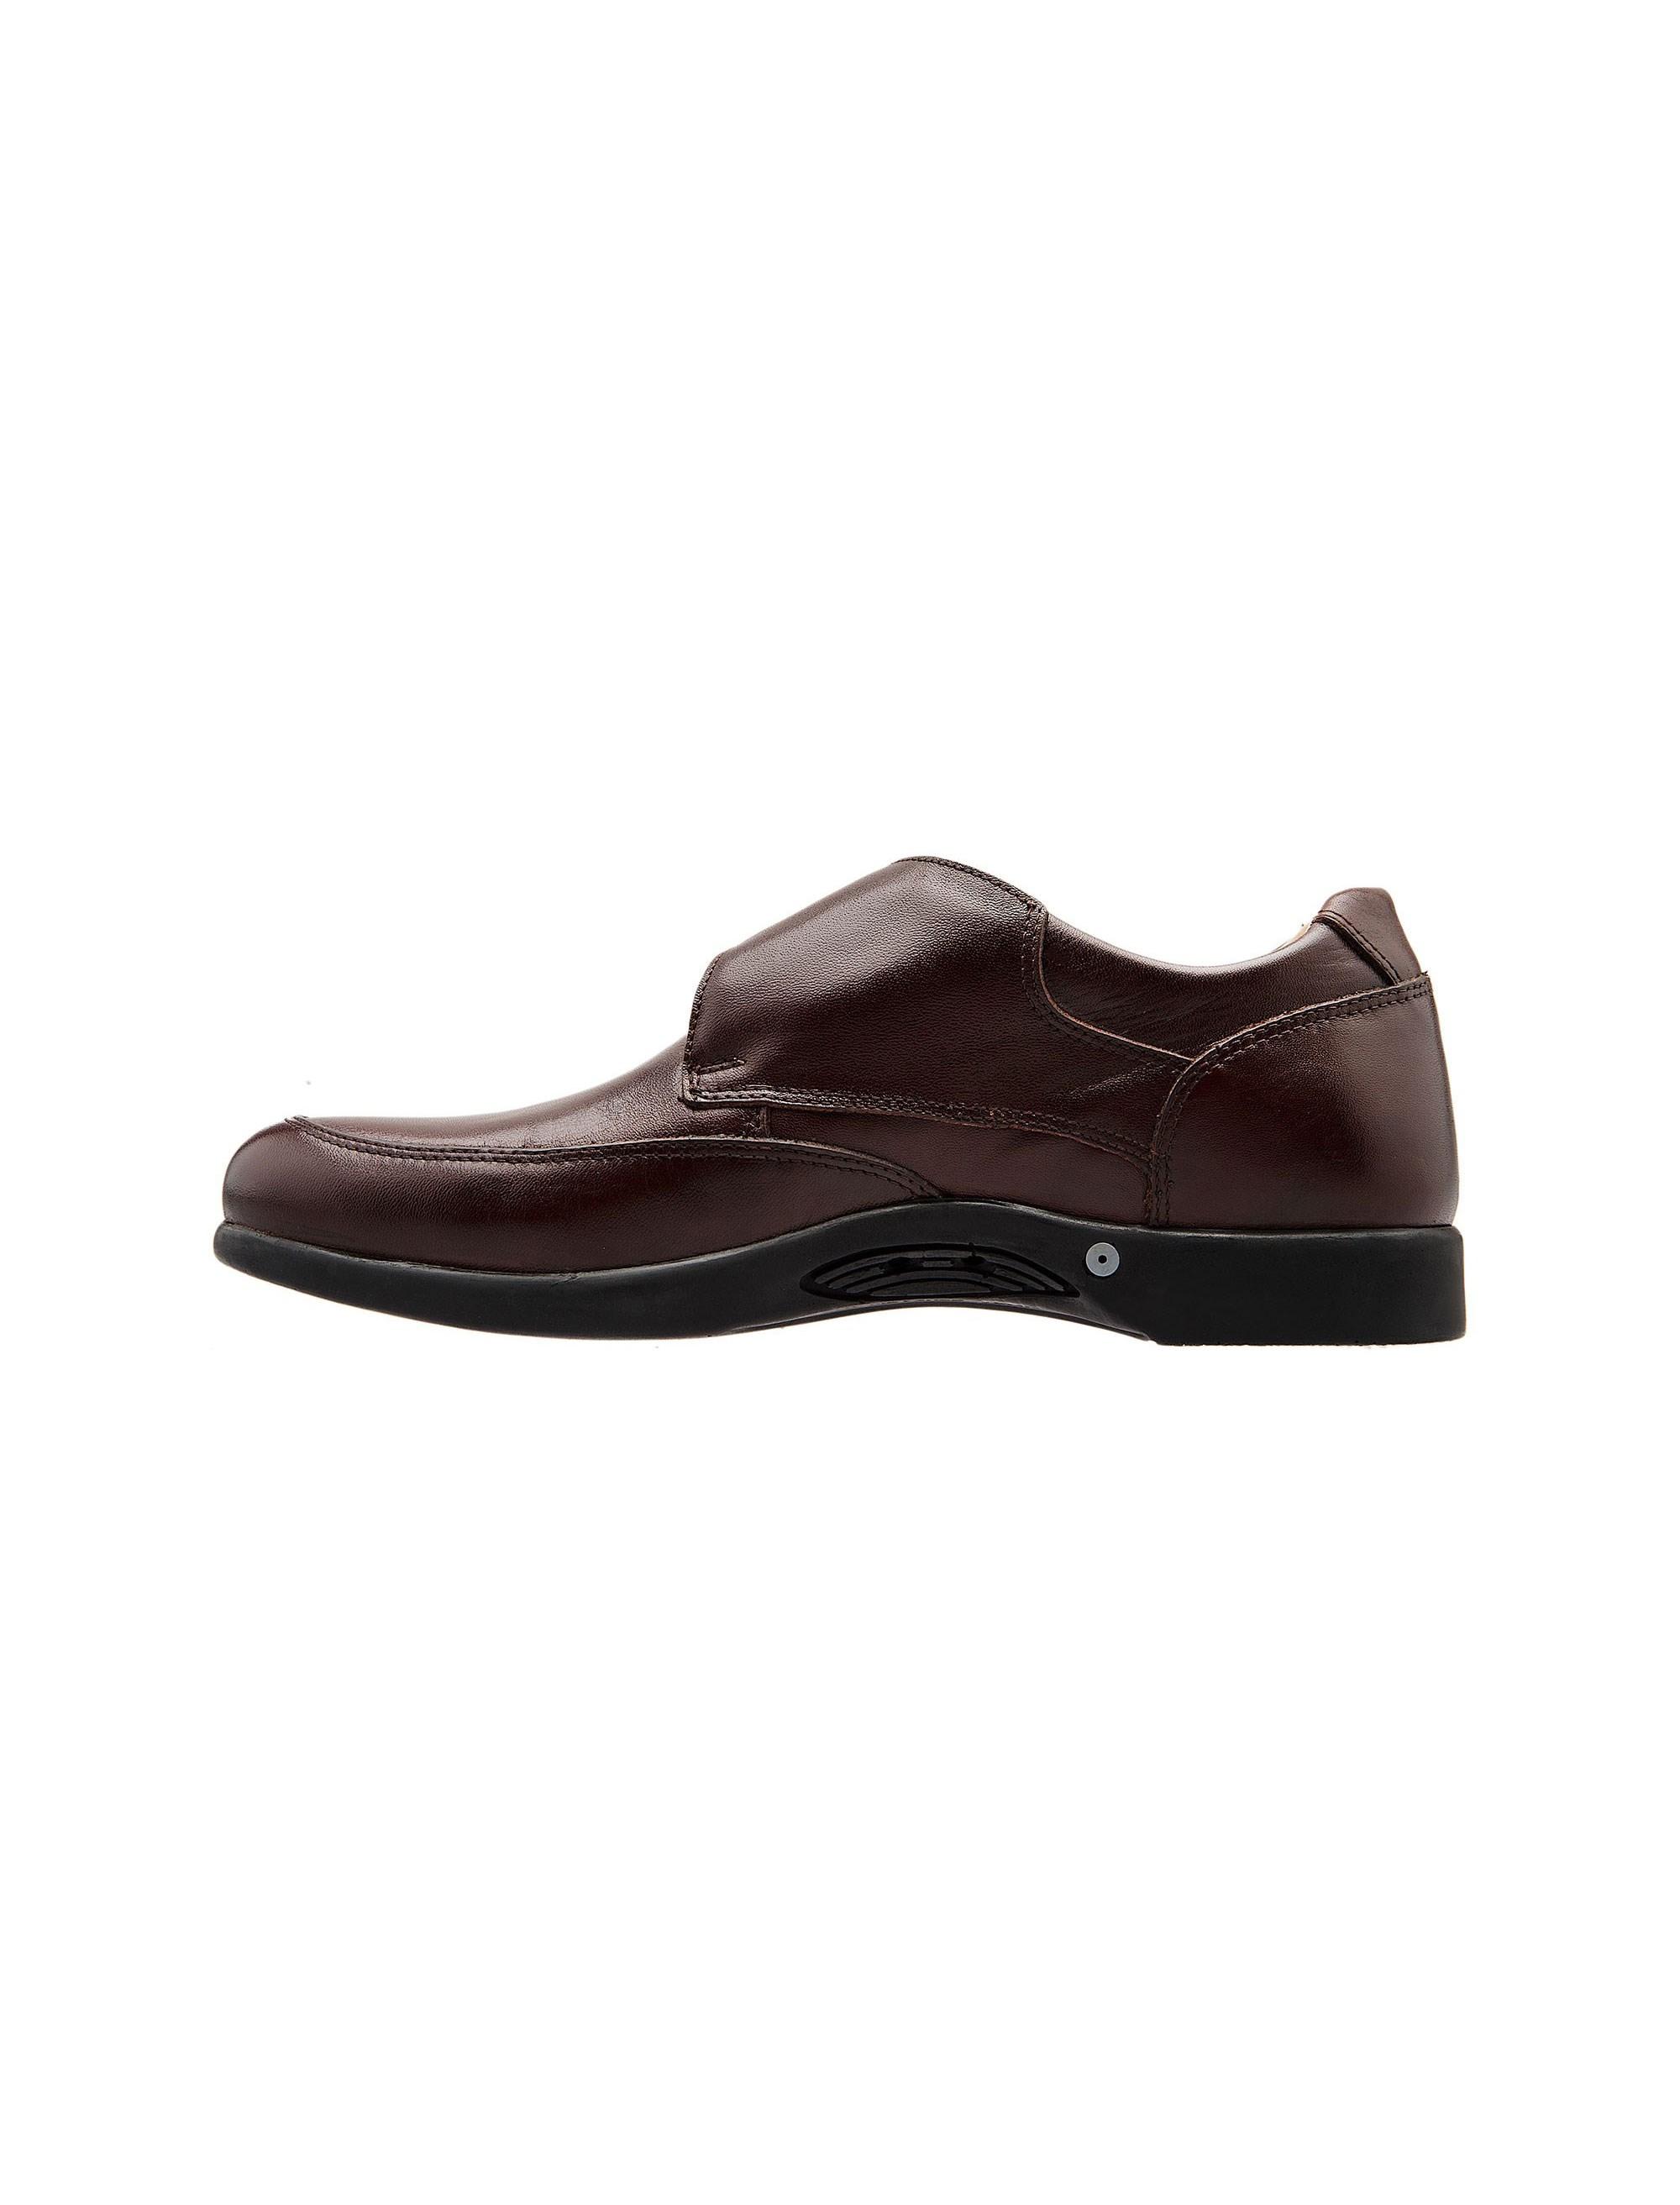 کفش اداری چرم مردانه - شهر چرم - قهوه اي - 3